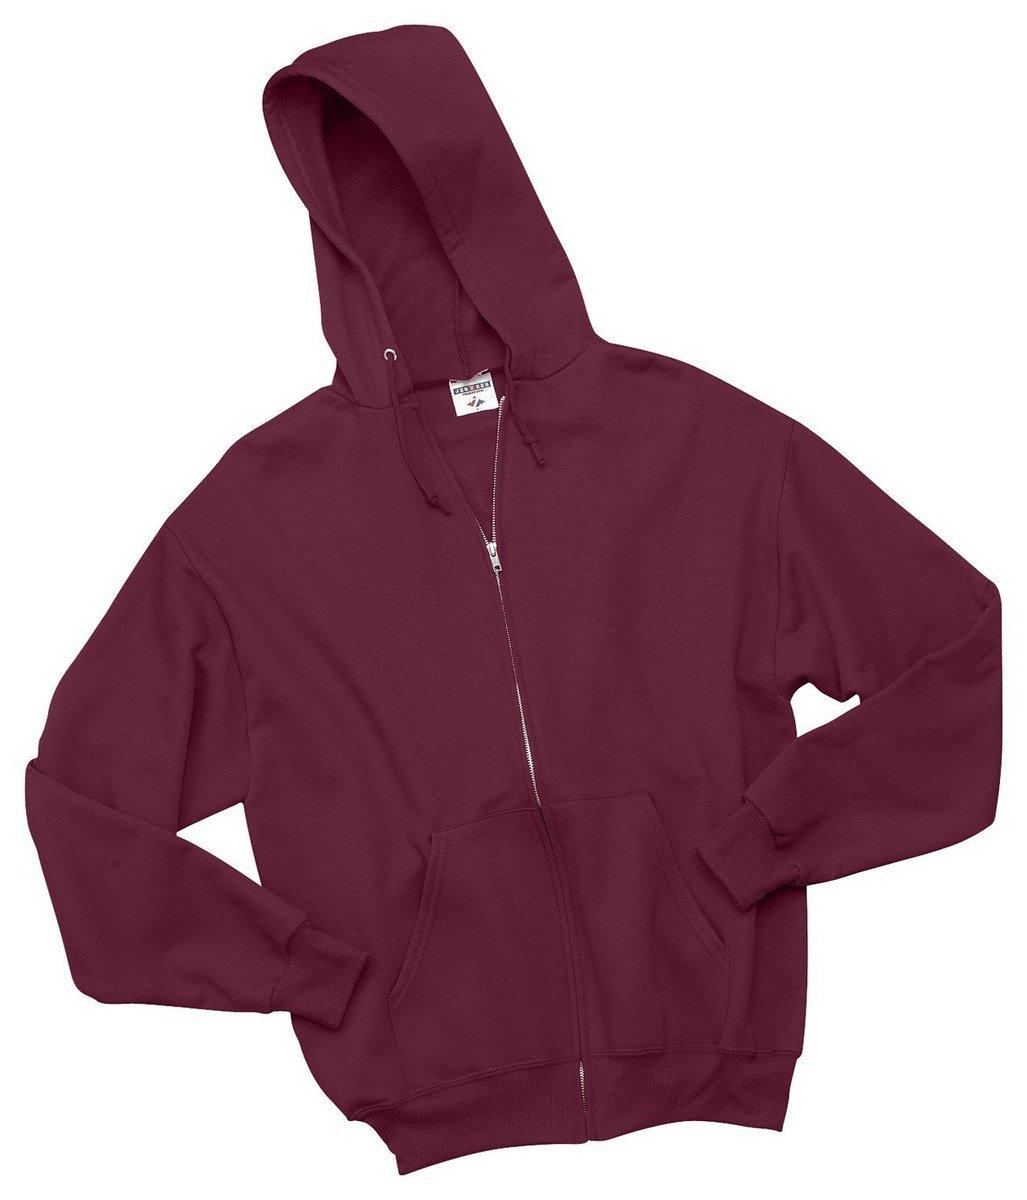 Jerzees Youth Nublend Full-Zip Hooded Sweatshirt, Maroon, Medium